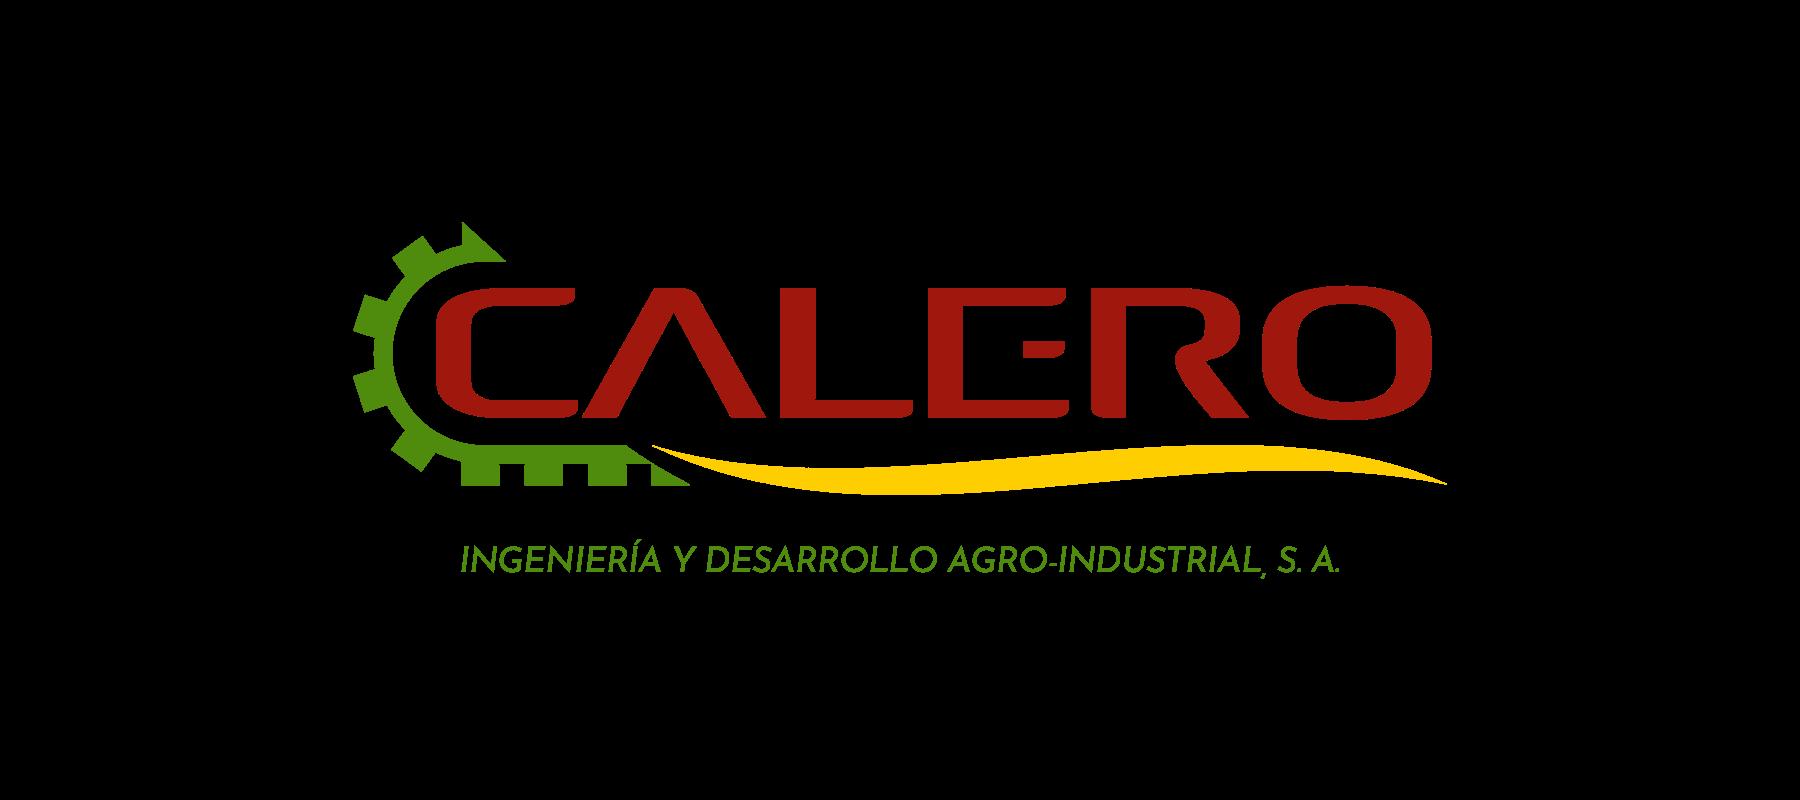 CALERO